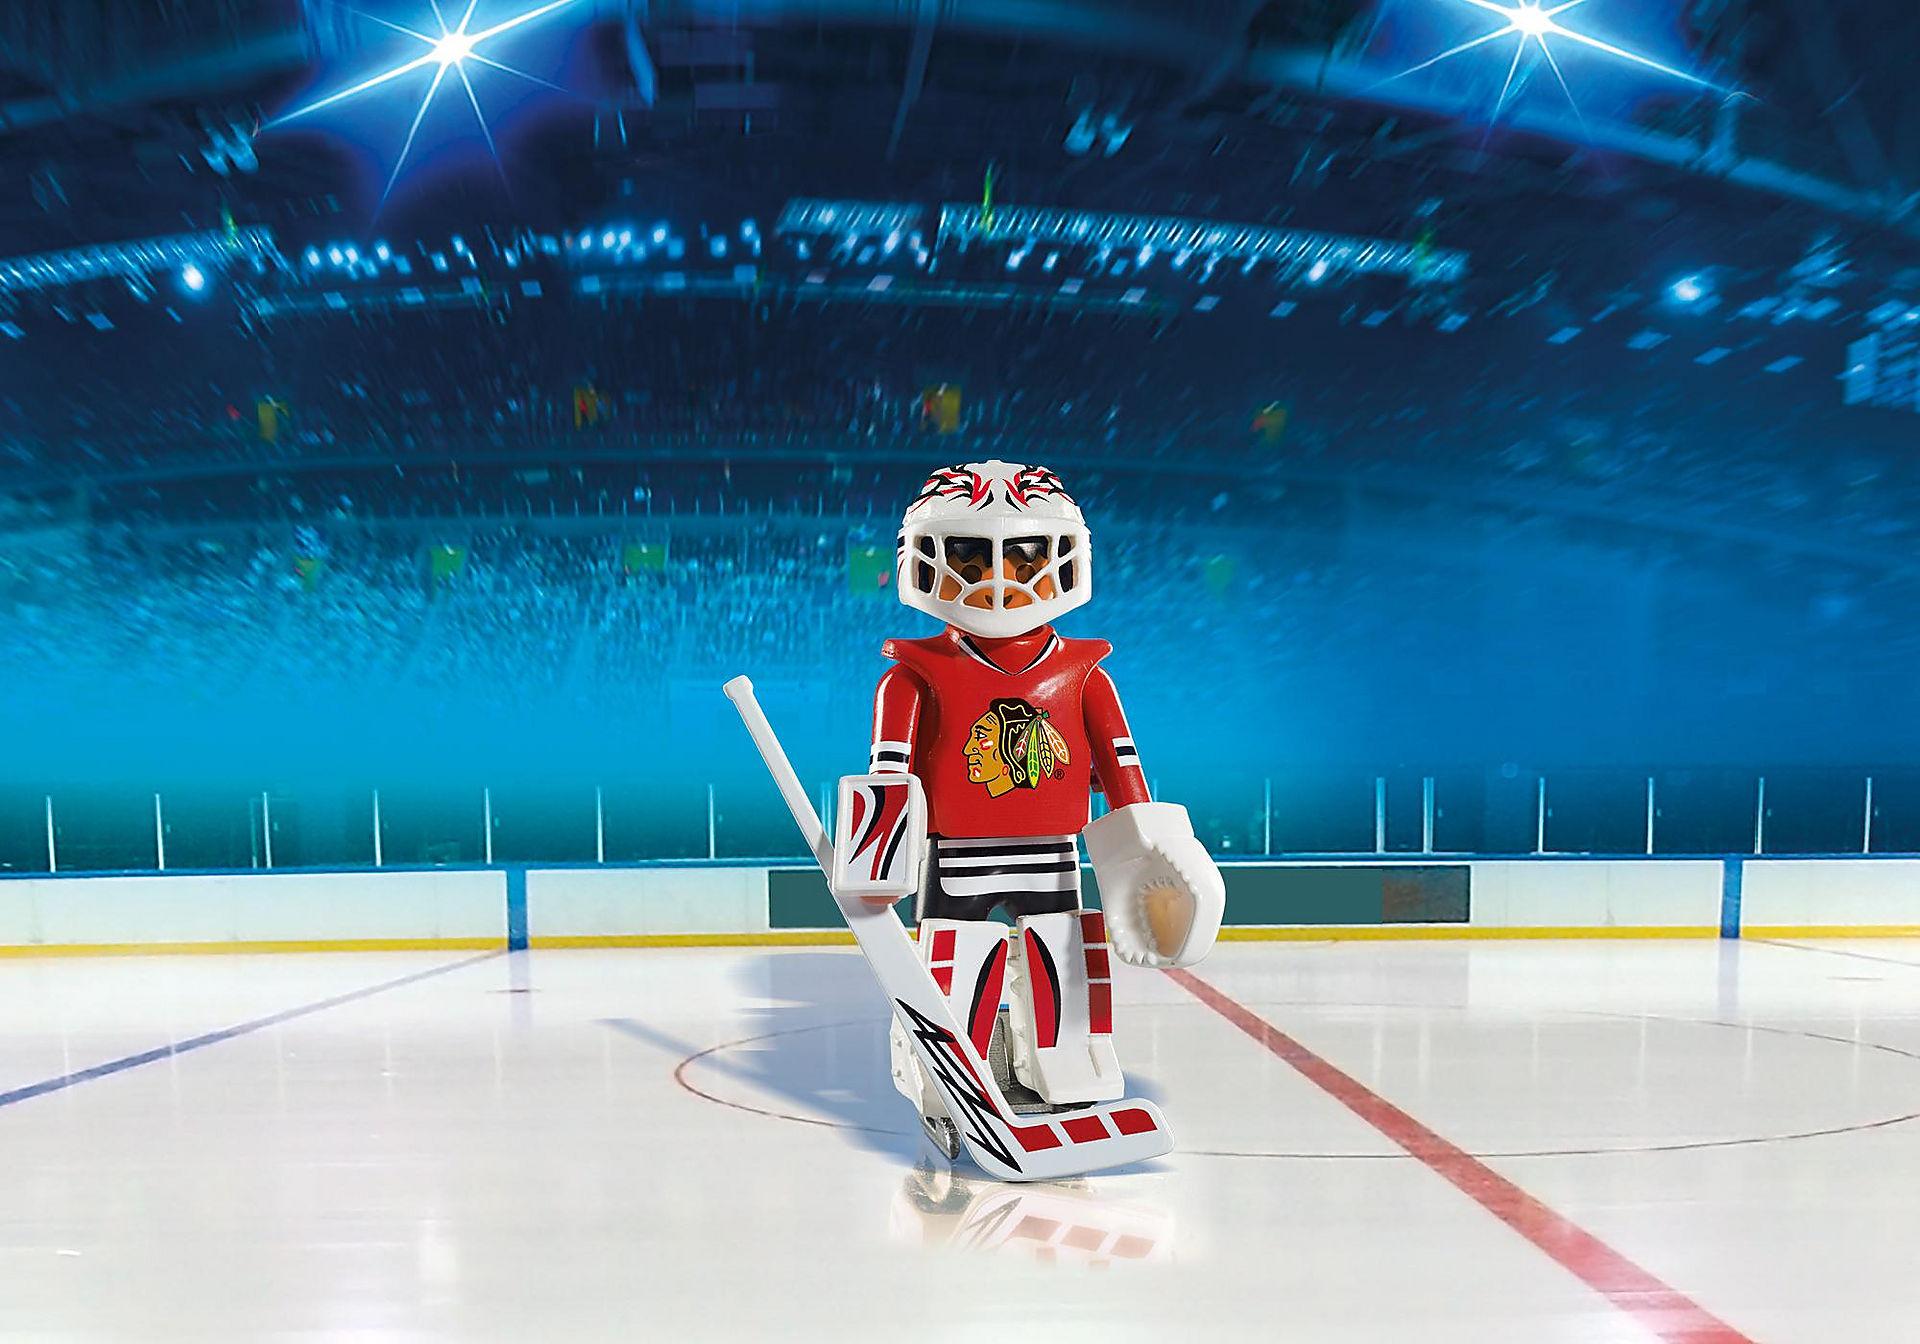 5074 NHL® Chicago Blackhawks® Goalie zoom image1